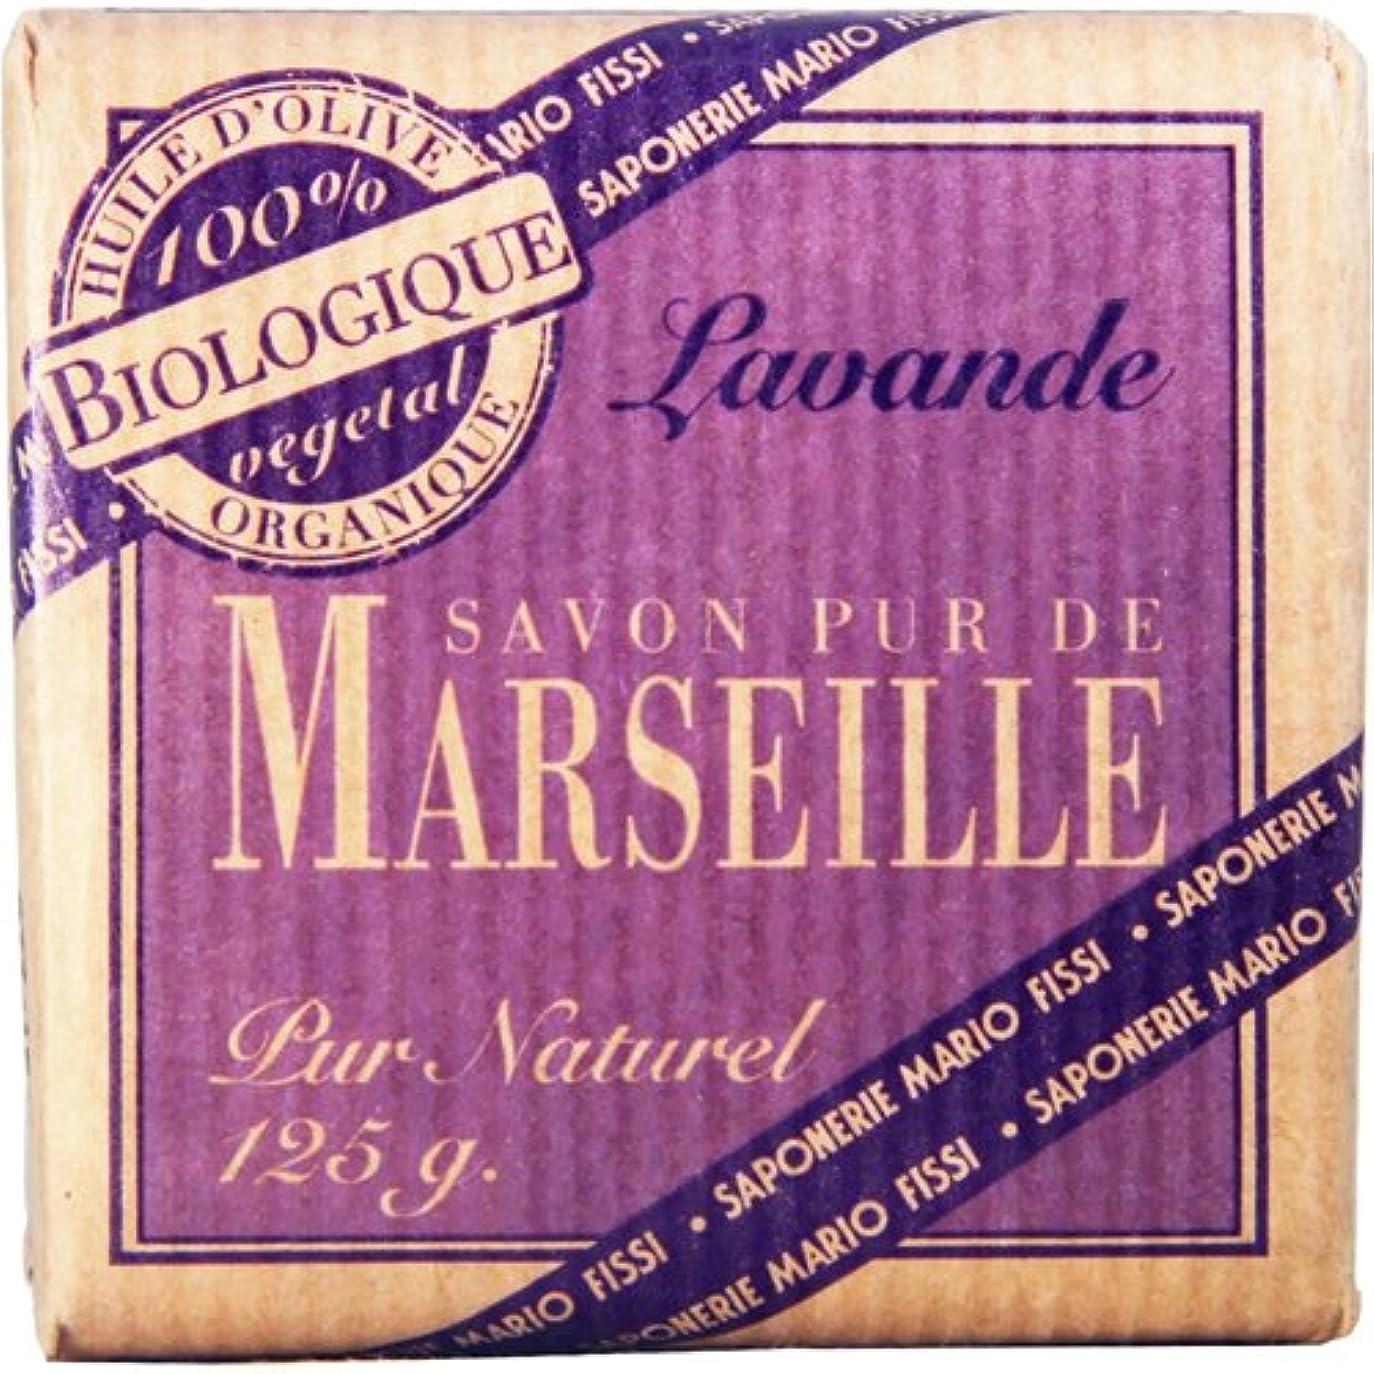 泥棒追放するコールSaponerire Fissi マルセイユシリーズ マルセイユソープ 125g Lavender ラベンダー